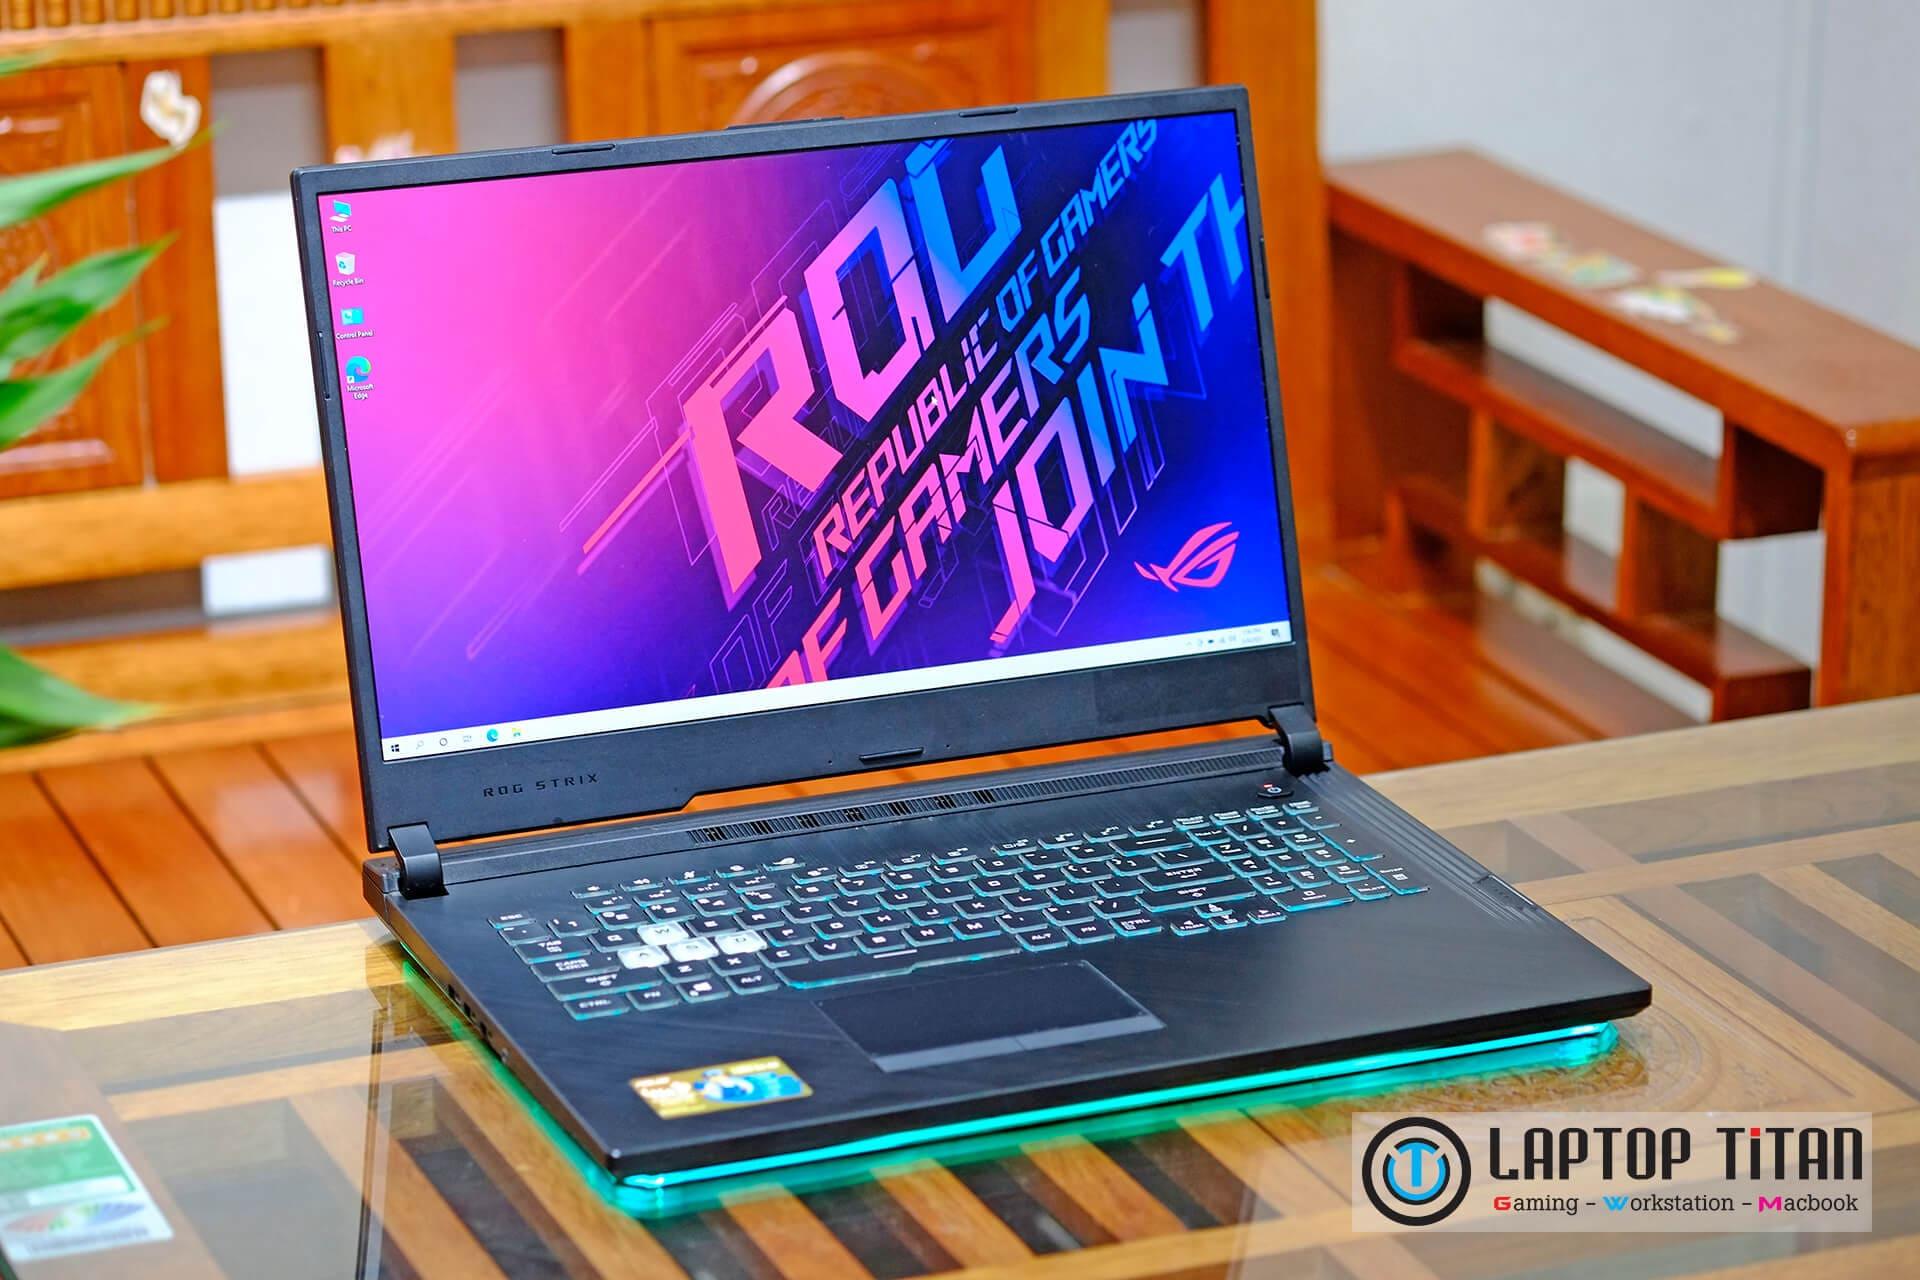 Asus Rog Strix G731 Laptoptitan 02